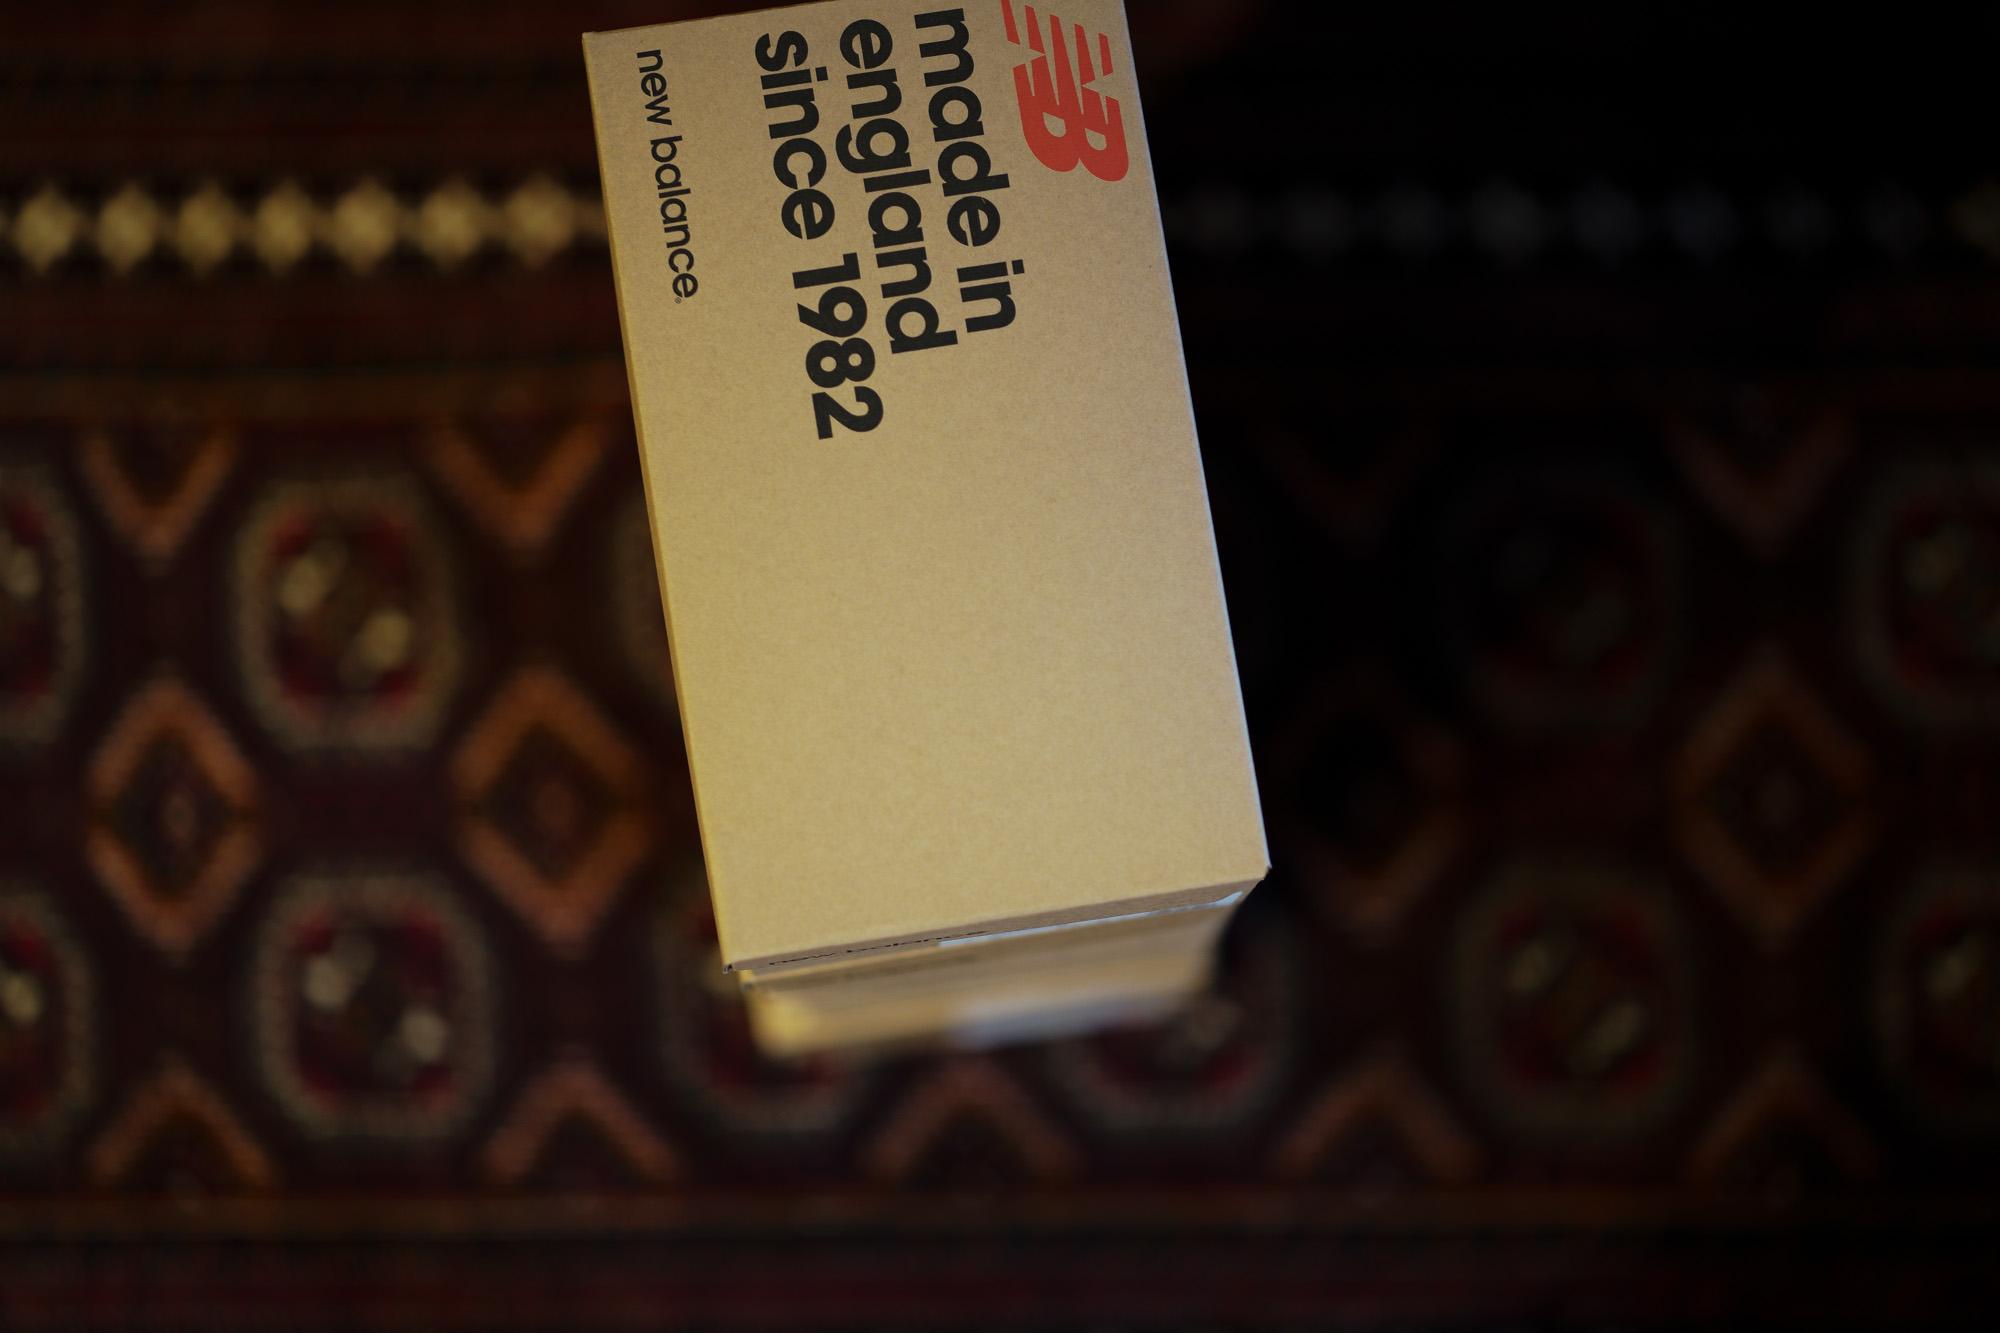 new balance(ニューバランス) M1500UC LIMITED EDITION Dワイズ ランニングスニーカー CHACOAL(チャコール・UC) Made in England(英国製) 2019 春夏新作 newbalance 愛知 名古屋 altoediritto アルトエデリット